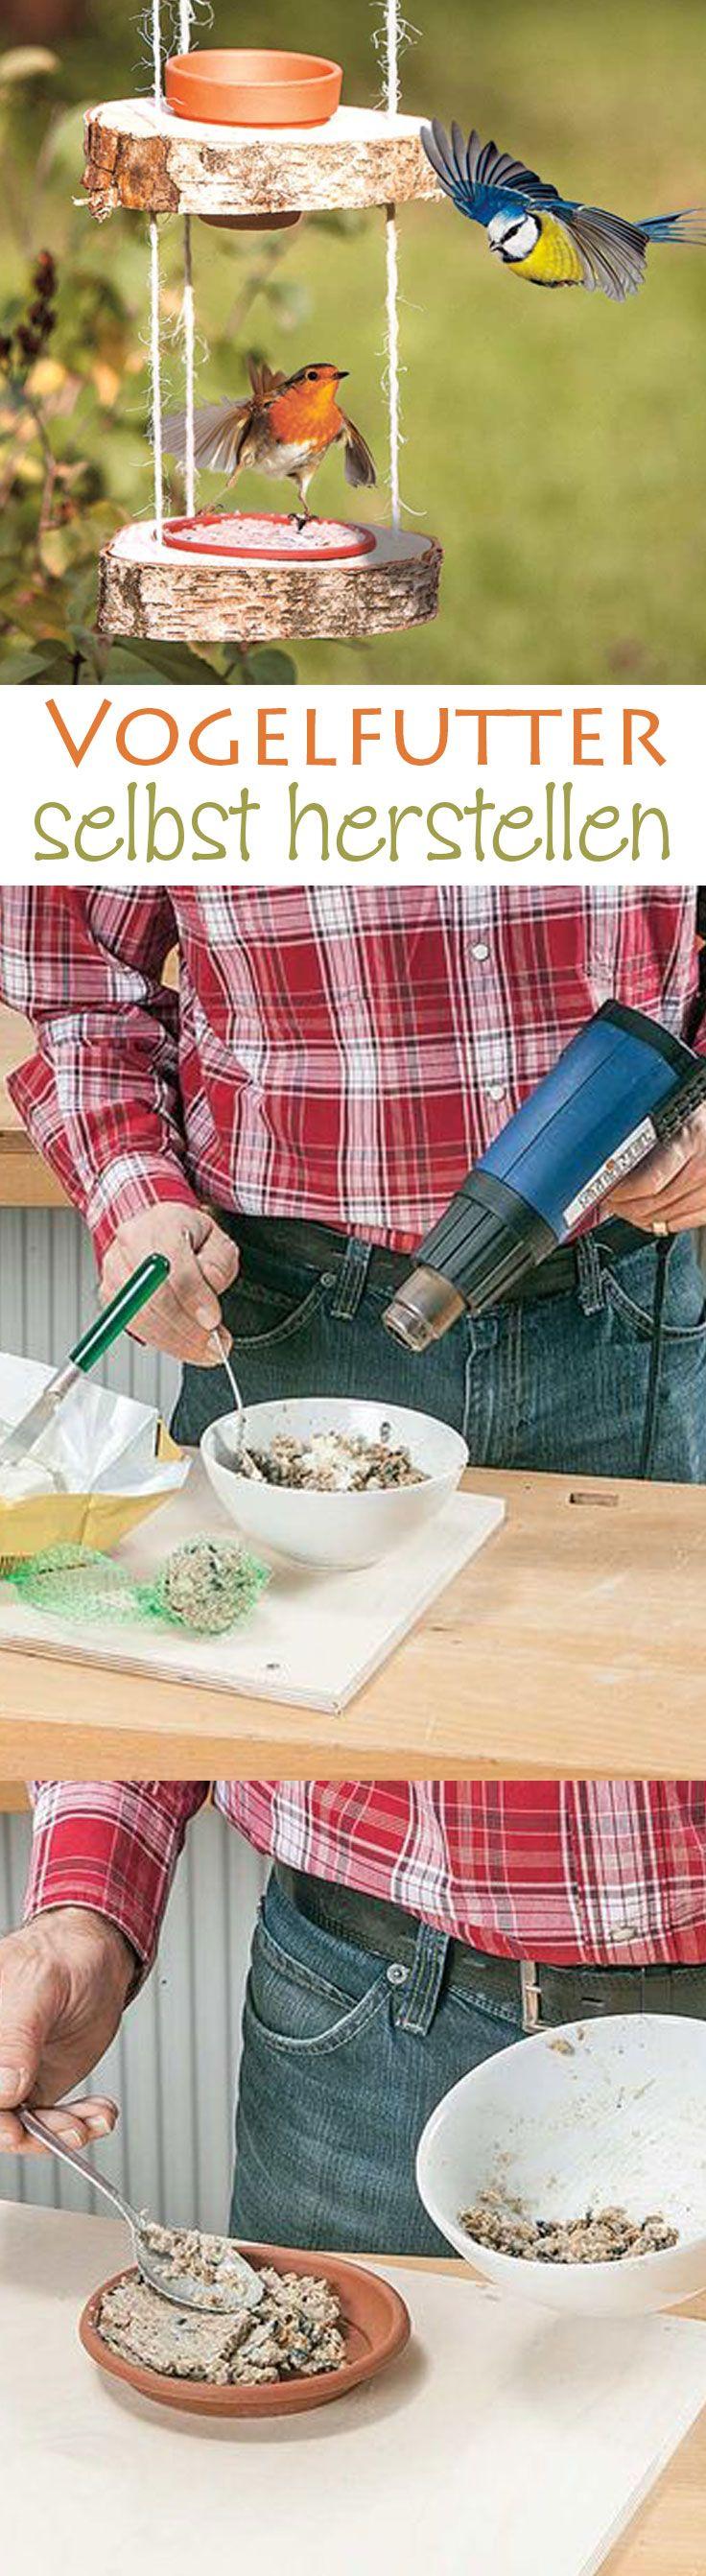 Jeder hat doch gerne die kleinen Piepmätze in seinem Garten. Mit Vogelfutter lockt man sie am besten an. Vogelfutter kann man auch selbst herstellen und in alle möglichen Gefäße füllen. Dafür benötigt man eine Körnermischung (oder einen Meisenknödel) und Kokosfett. Zusätzlich kann man noch Erdnüsse, Rosinen oder Mehlwürmer in den Mix geben, damit die Vögel gut über den Winter kommen. Das Kokosfett wird geschmolzen und mit den Körnern vermengt. Das Fett härtet nach kurzer Zeit aus.